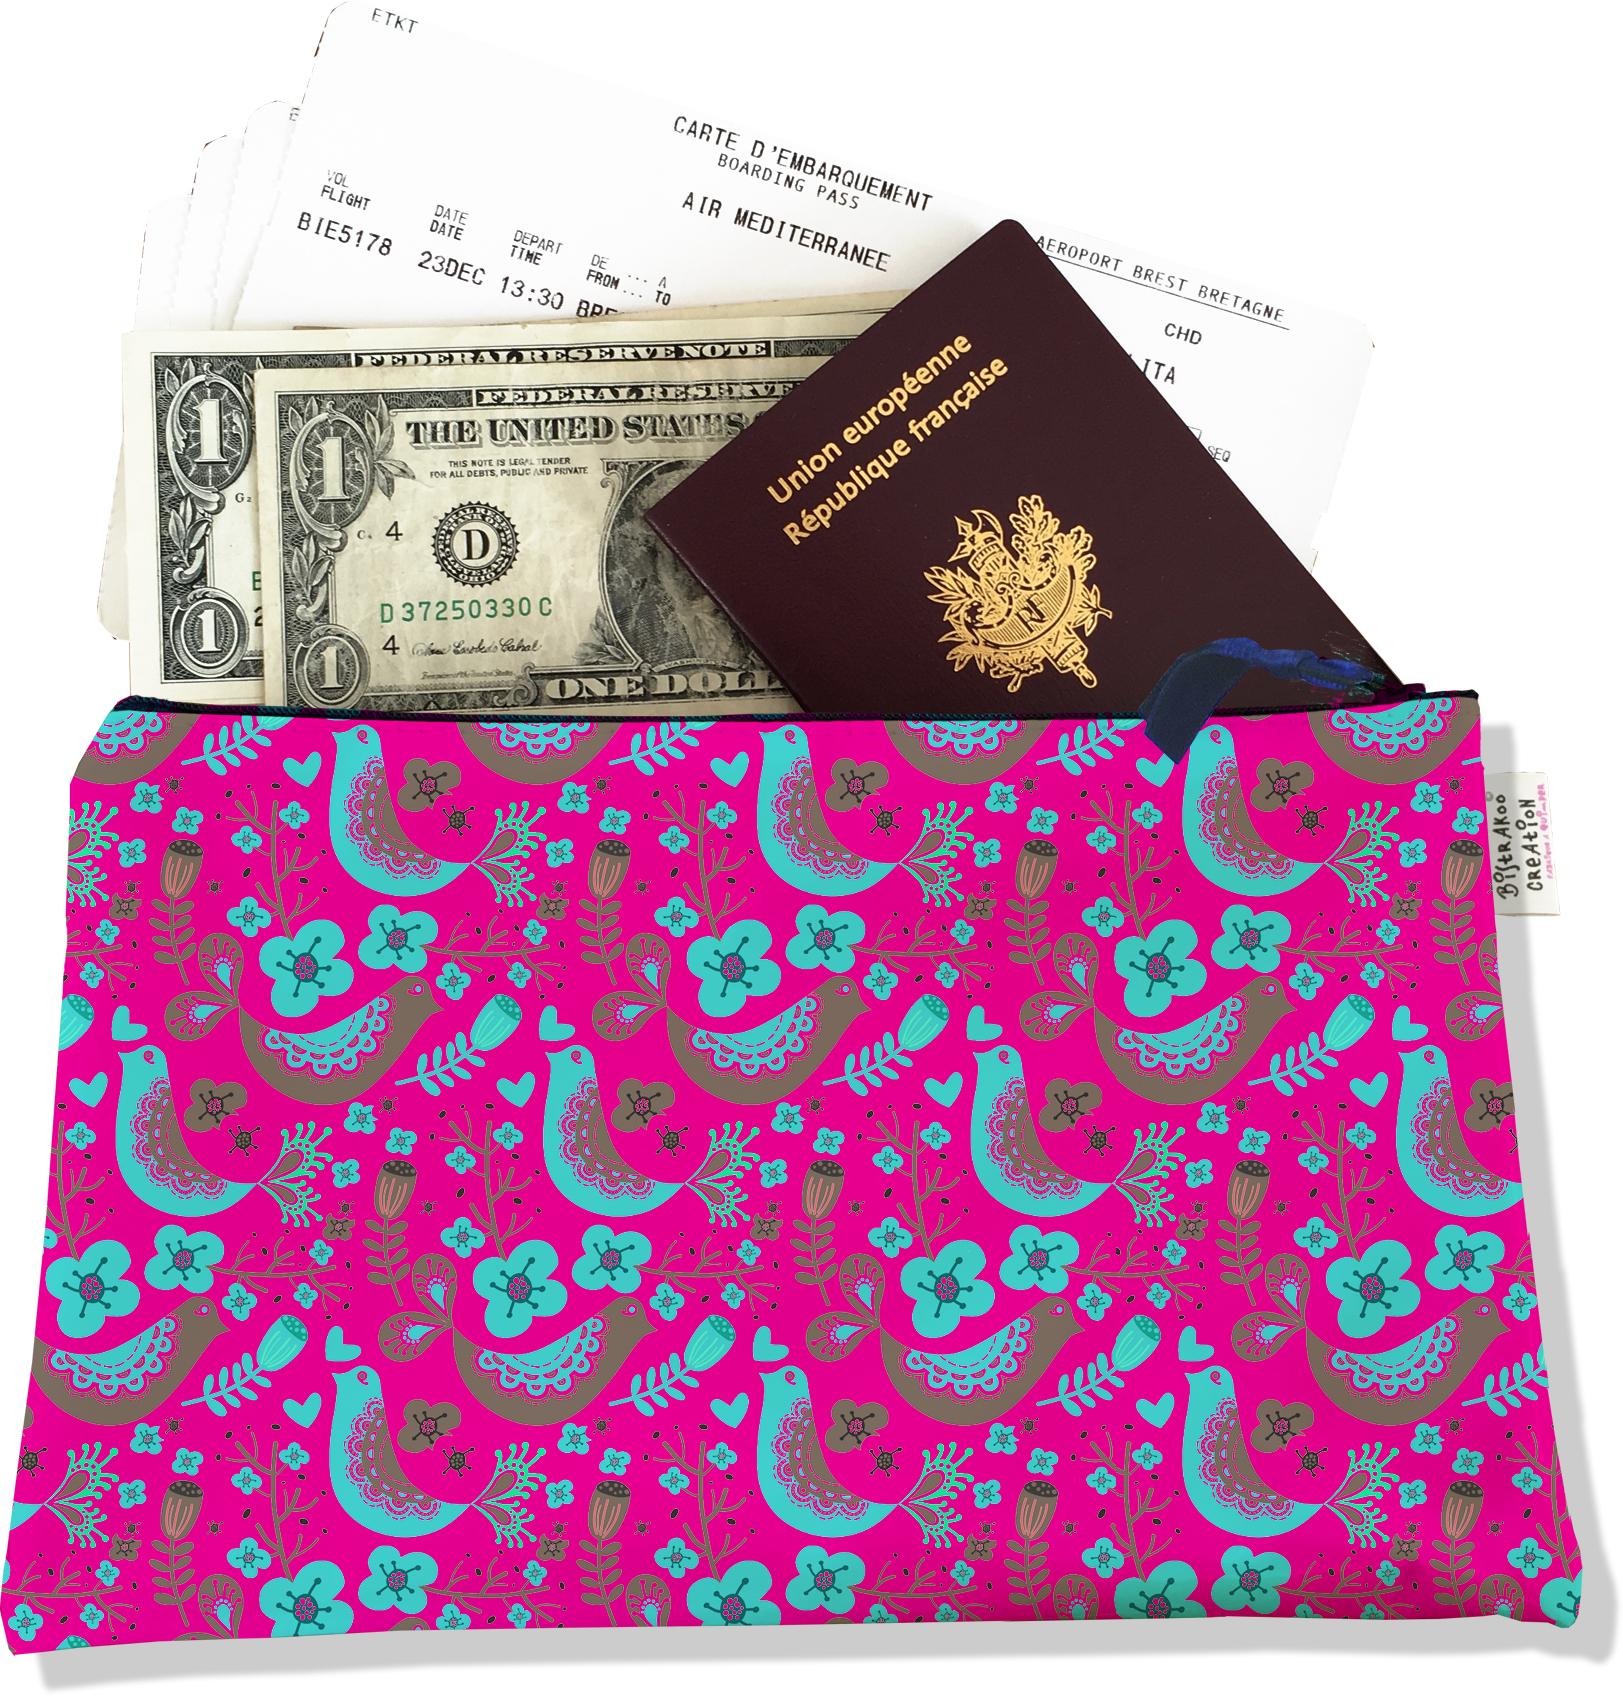 Pochette voyage, porte documents pour femme motif Scandinave rose et bleu 3232-2017